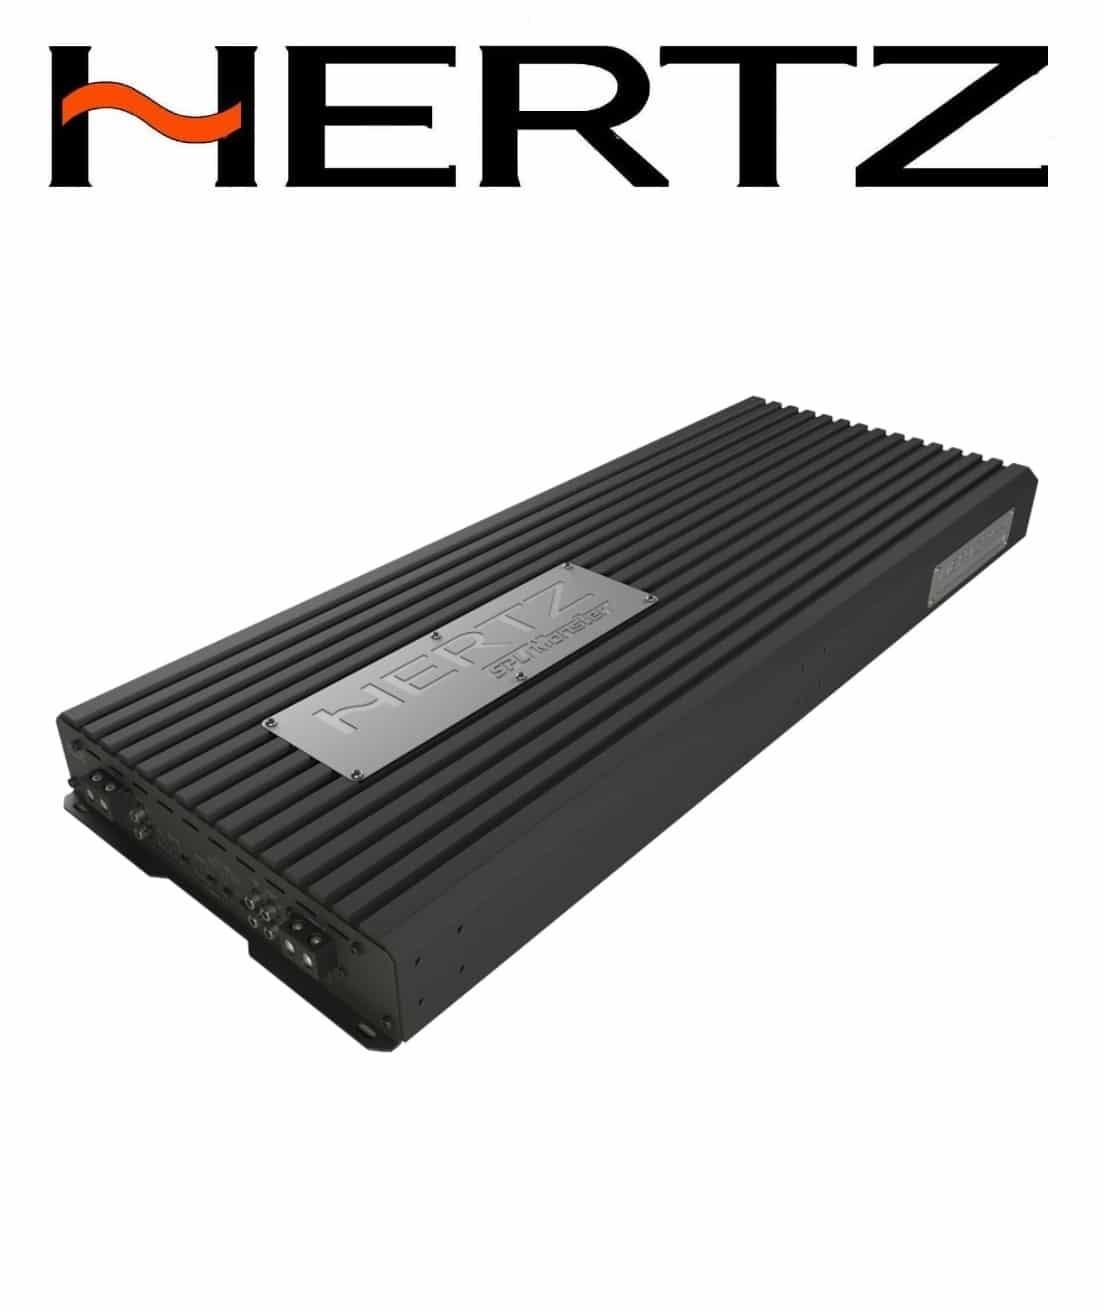 hertz monster